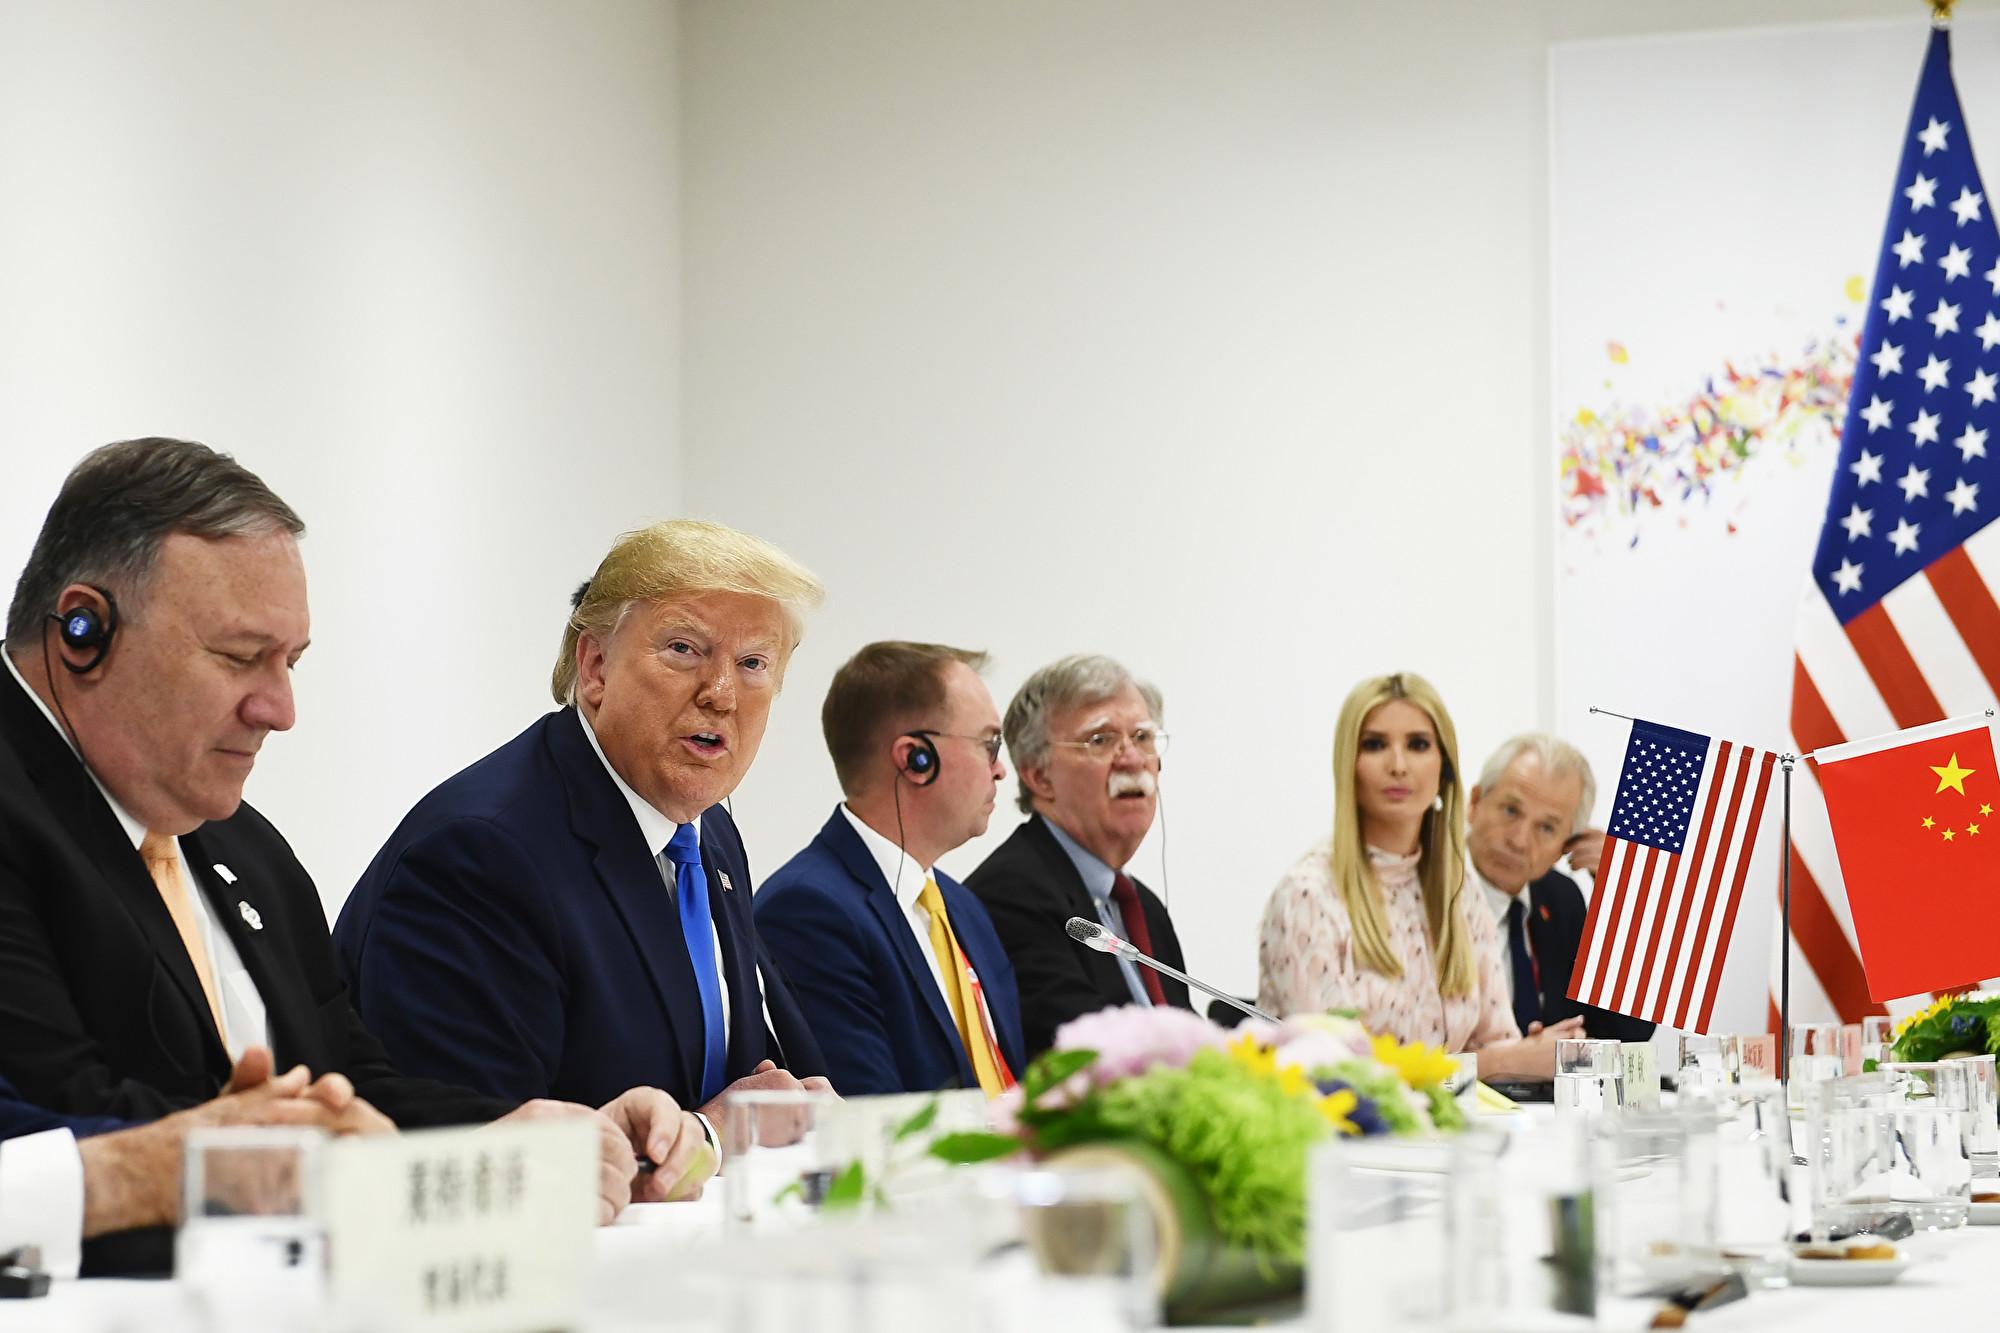 日本大阪時間6月29日上午11點47分,美國總統特朗普與中國國家主席習近平舉行午餐會晤。(Brendan Smialowski/AFP)